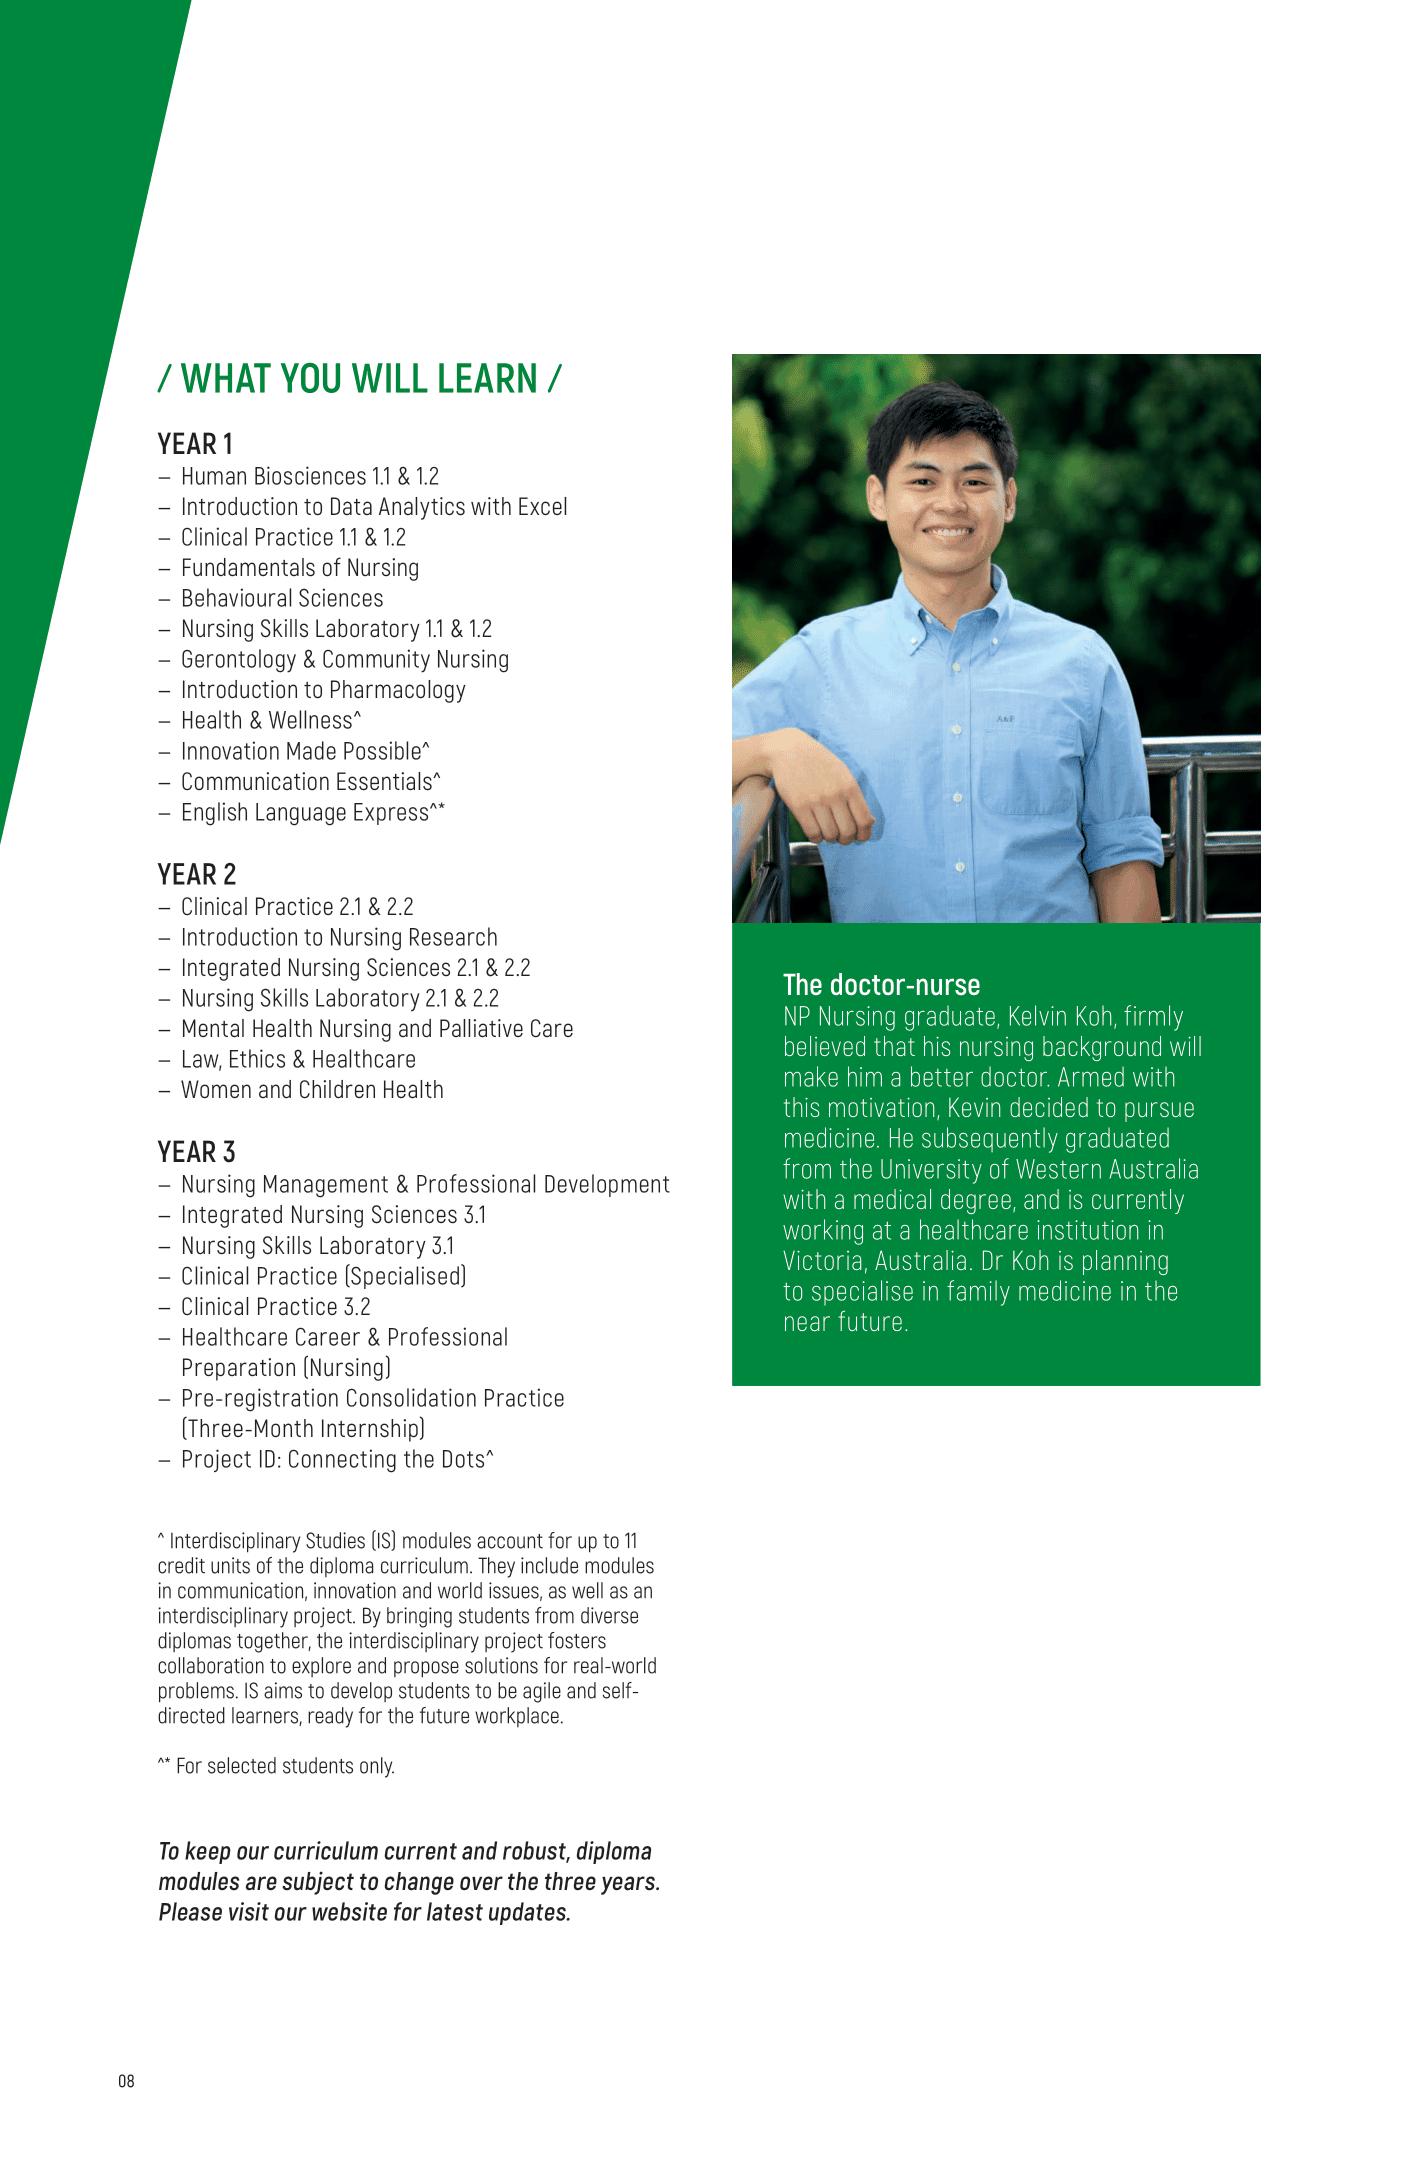 School of Health Sciences 2020-10